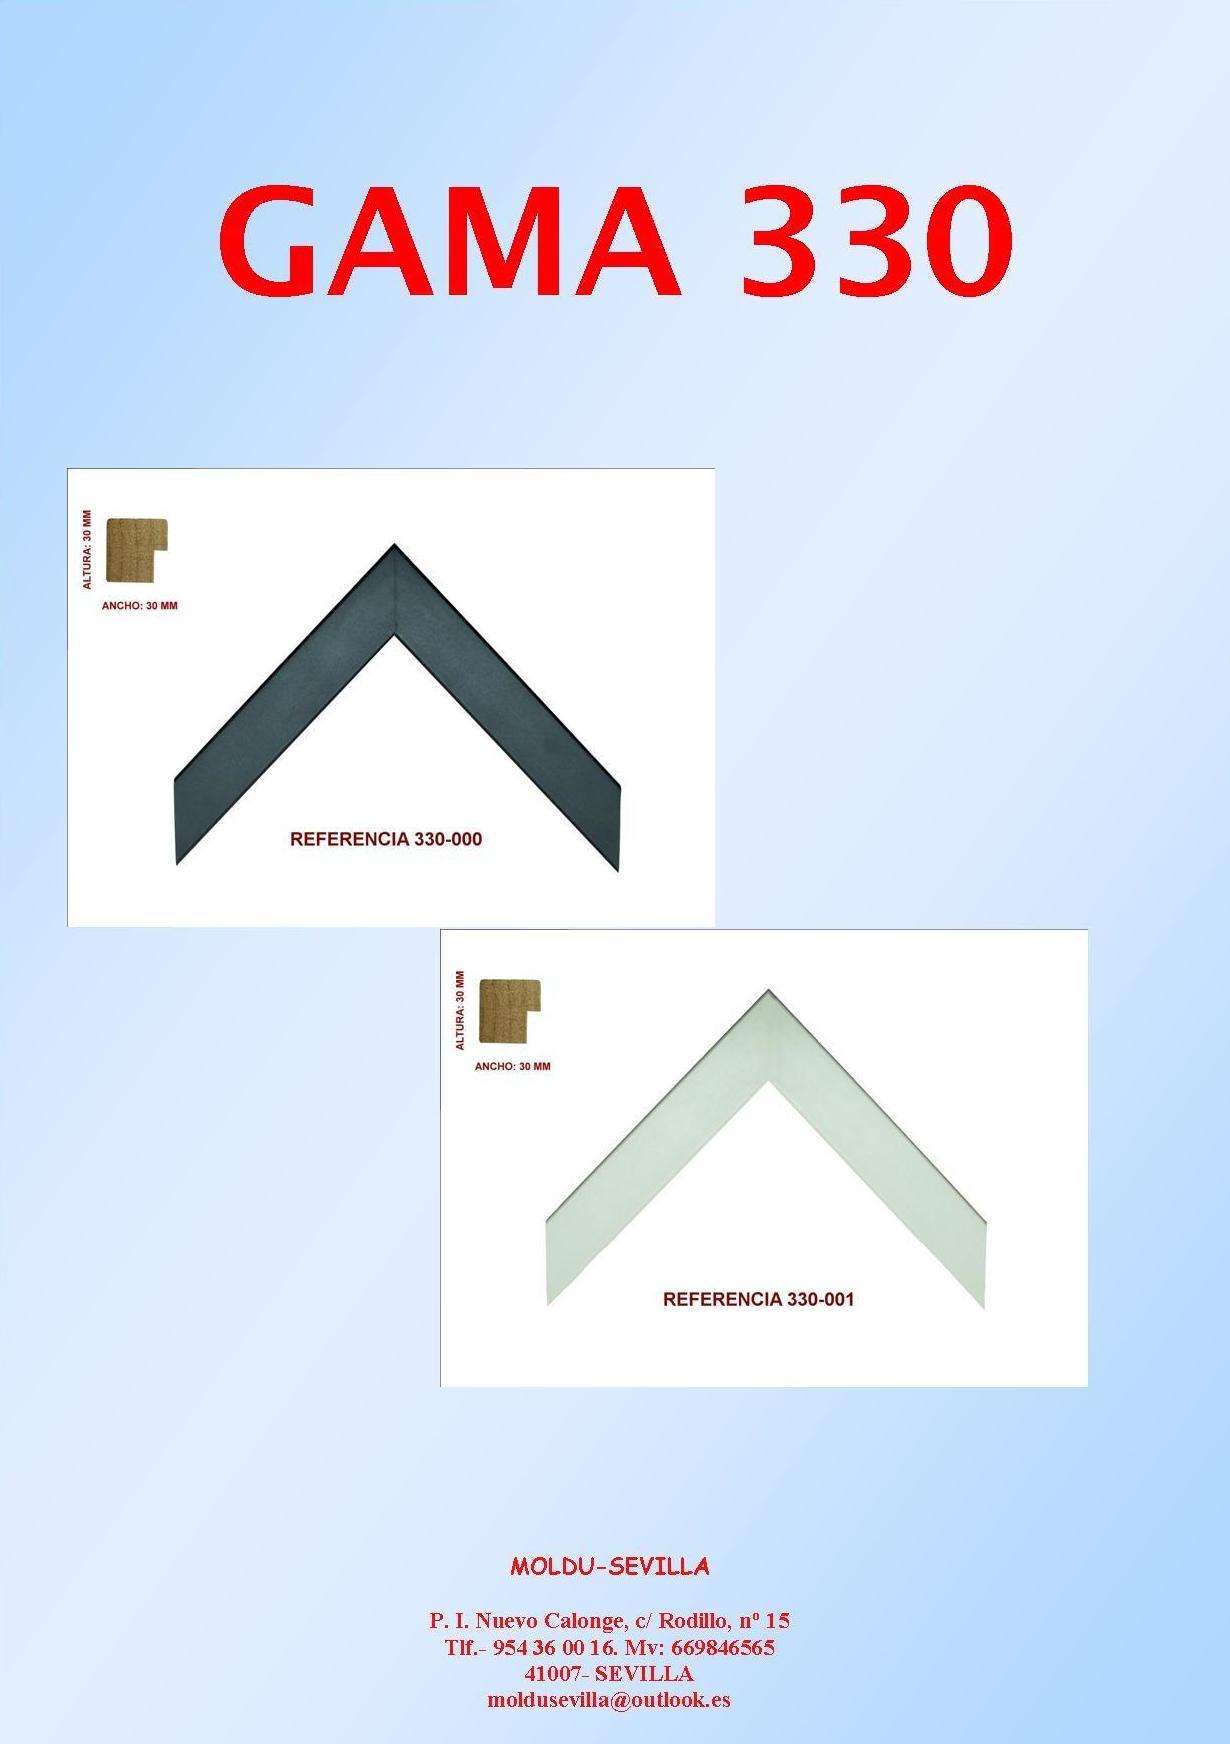 GAMA 330: Muestrario de Moldusevilla